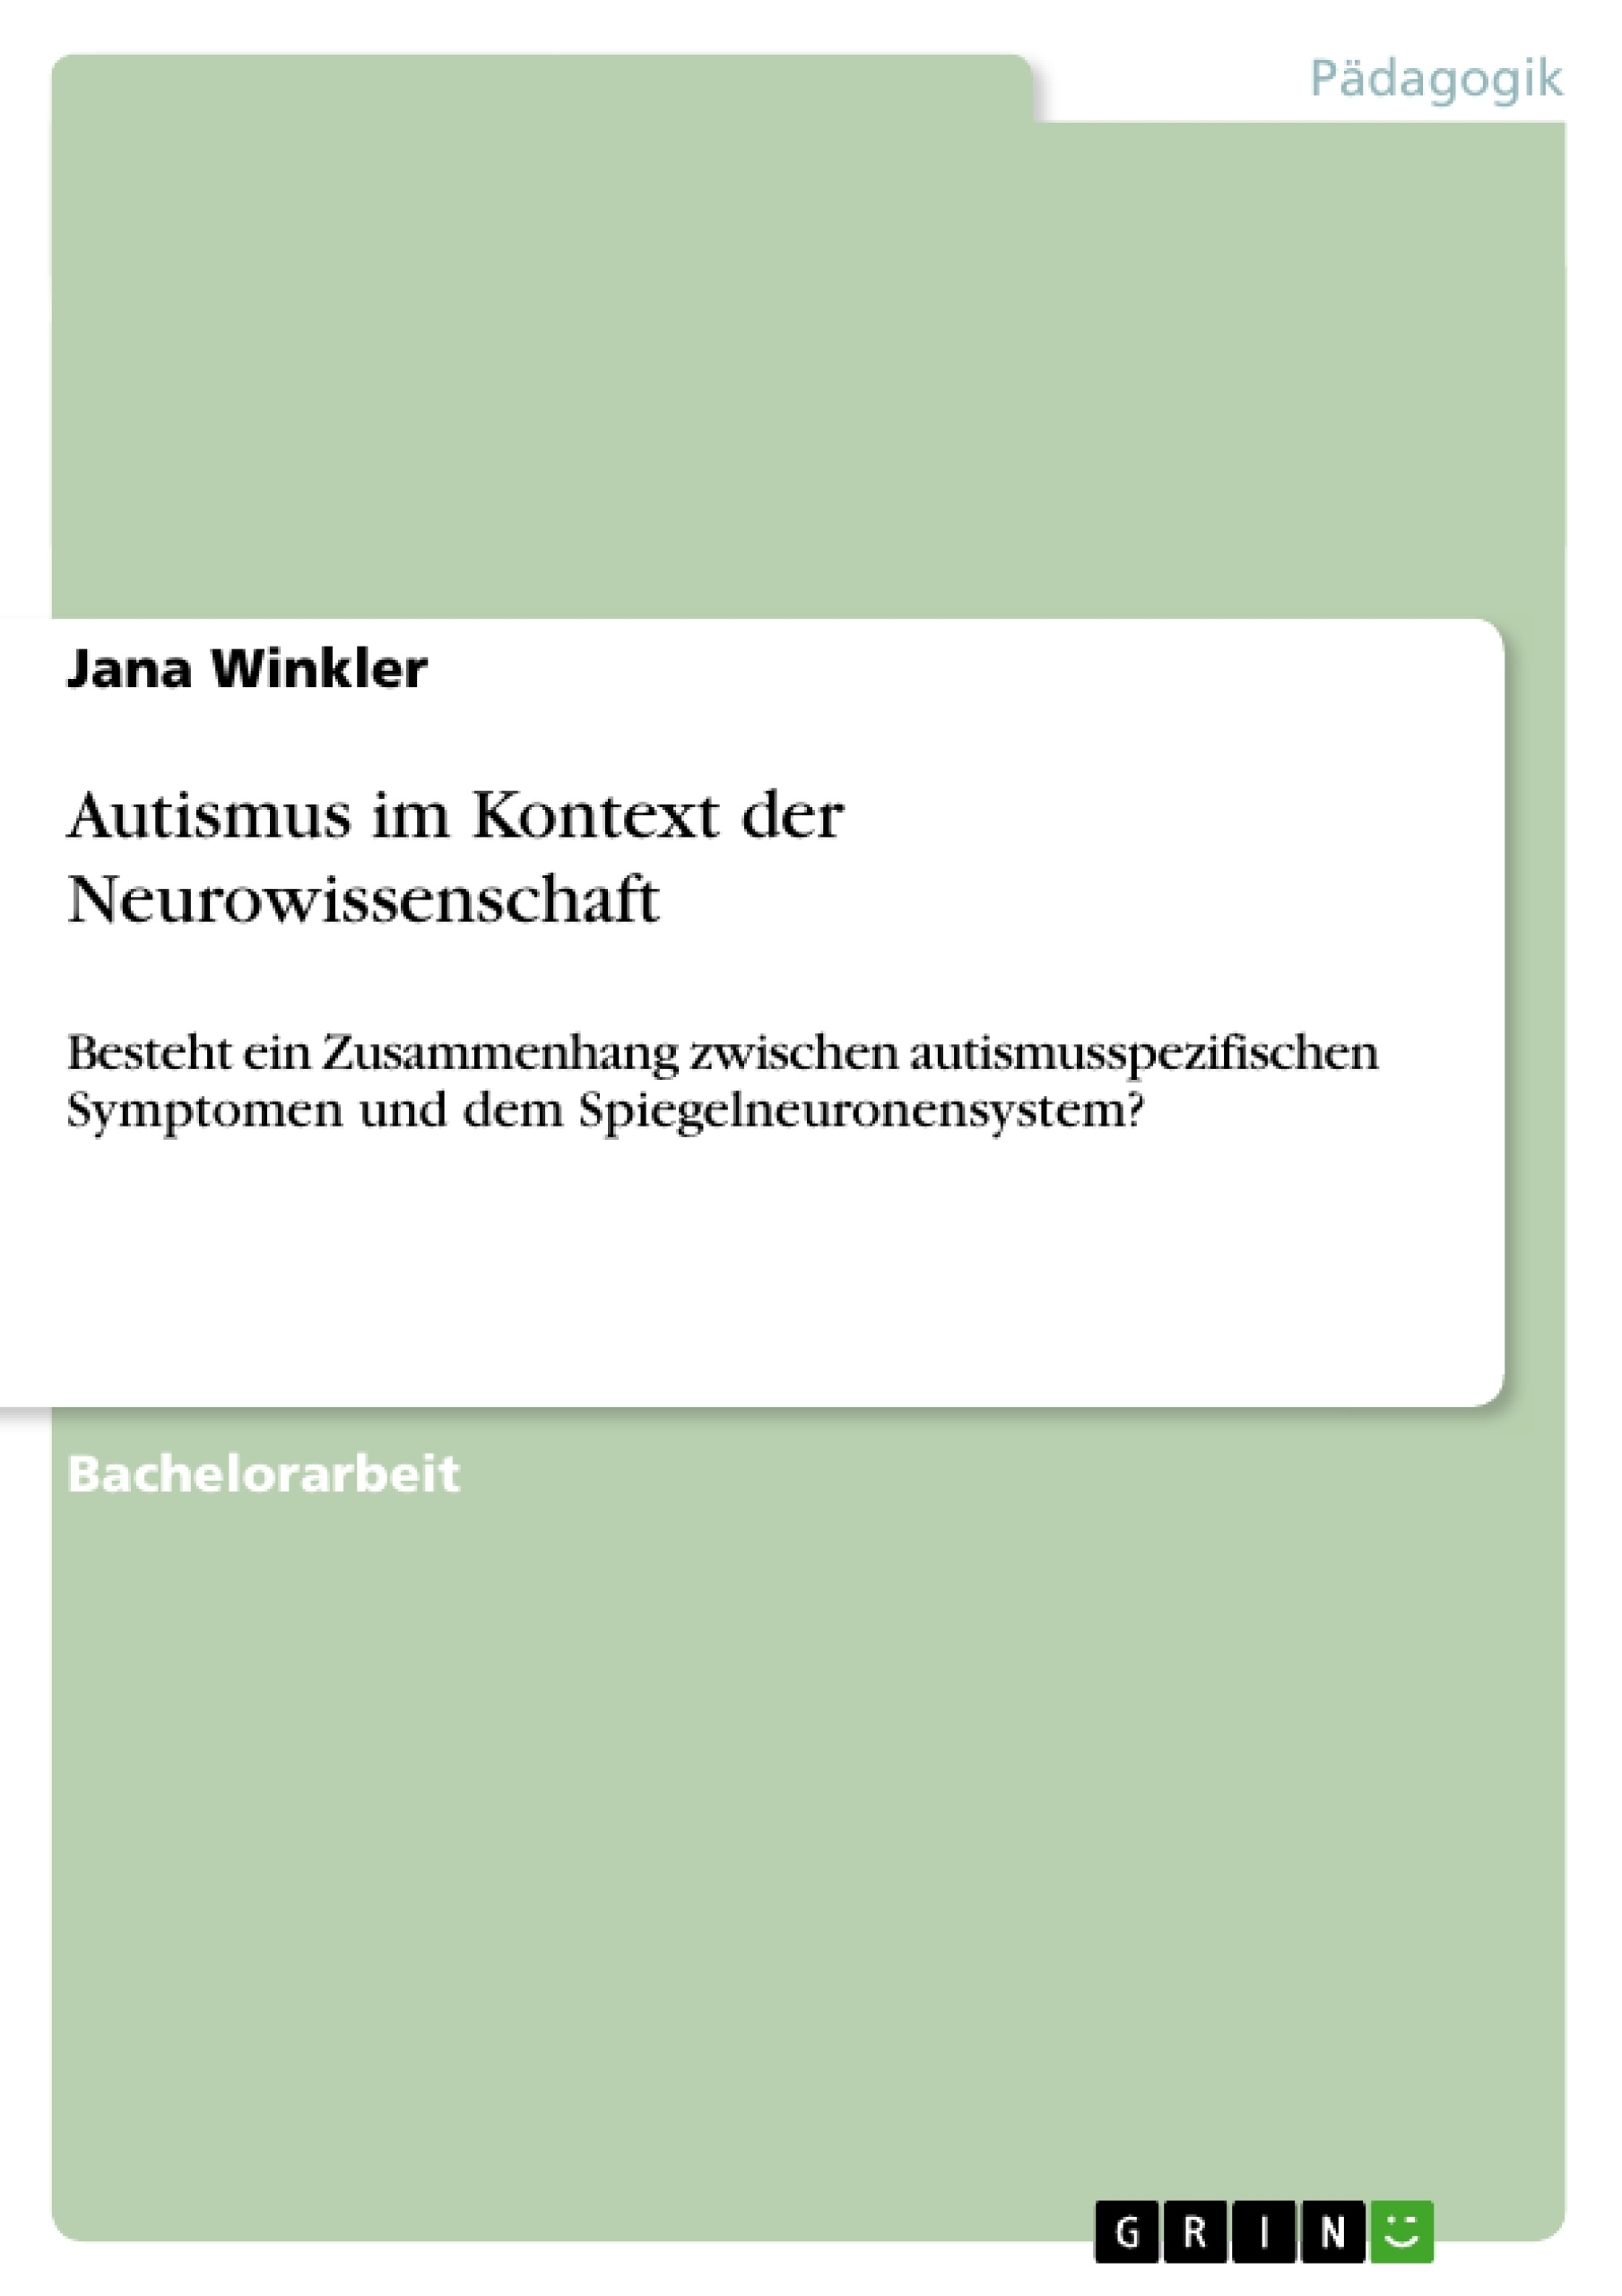 Titel: Autismus im Kontext der Neurowissenschaft